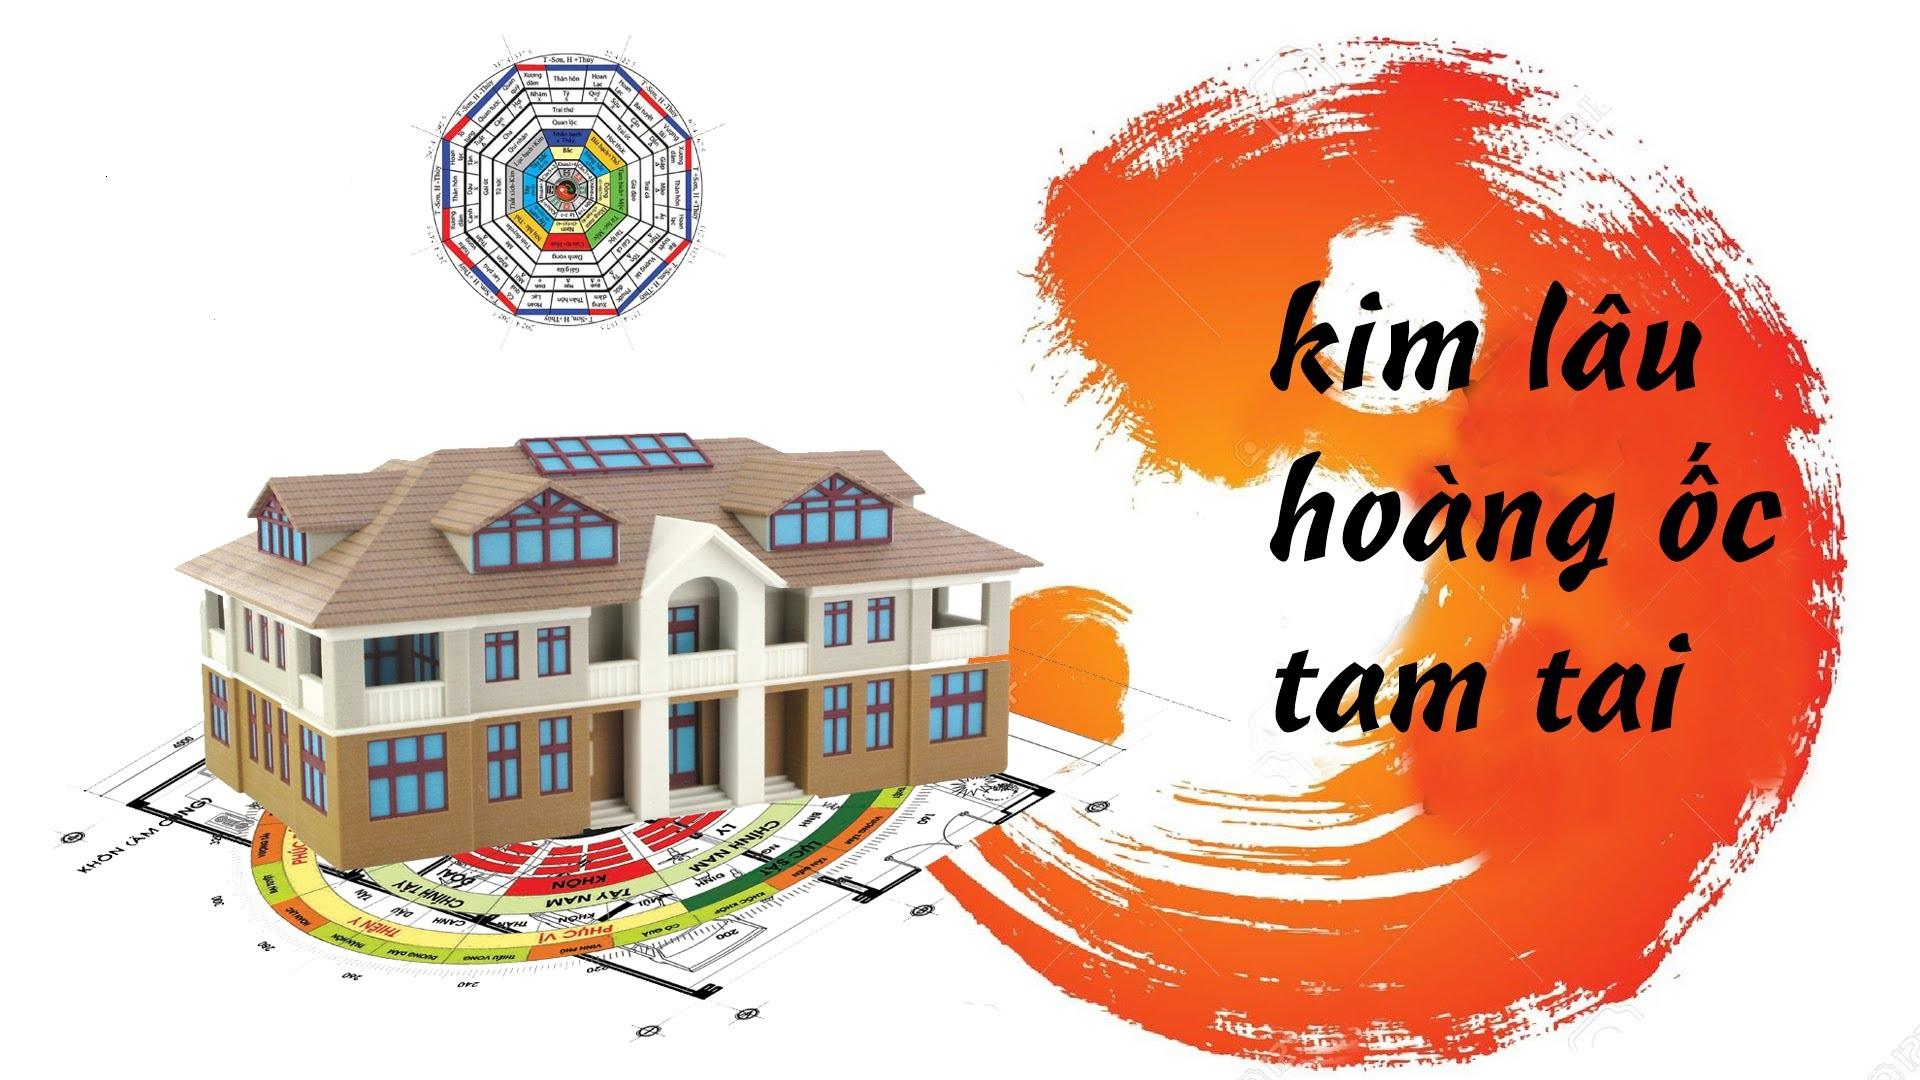 3 đại hạn cần tránh khi xây nhà: Kim lâu, Hoang ốc, Tam tai